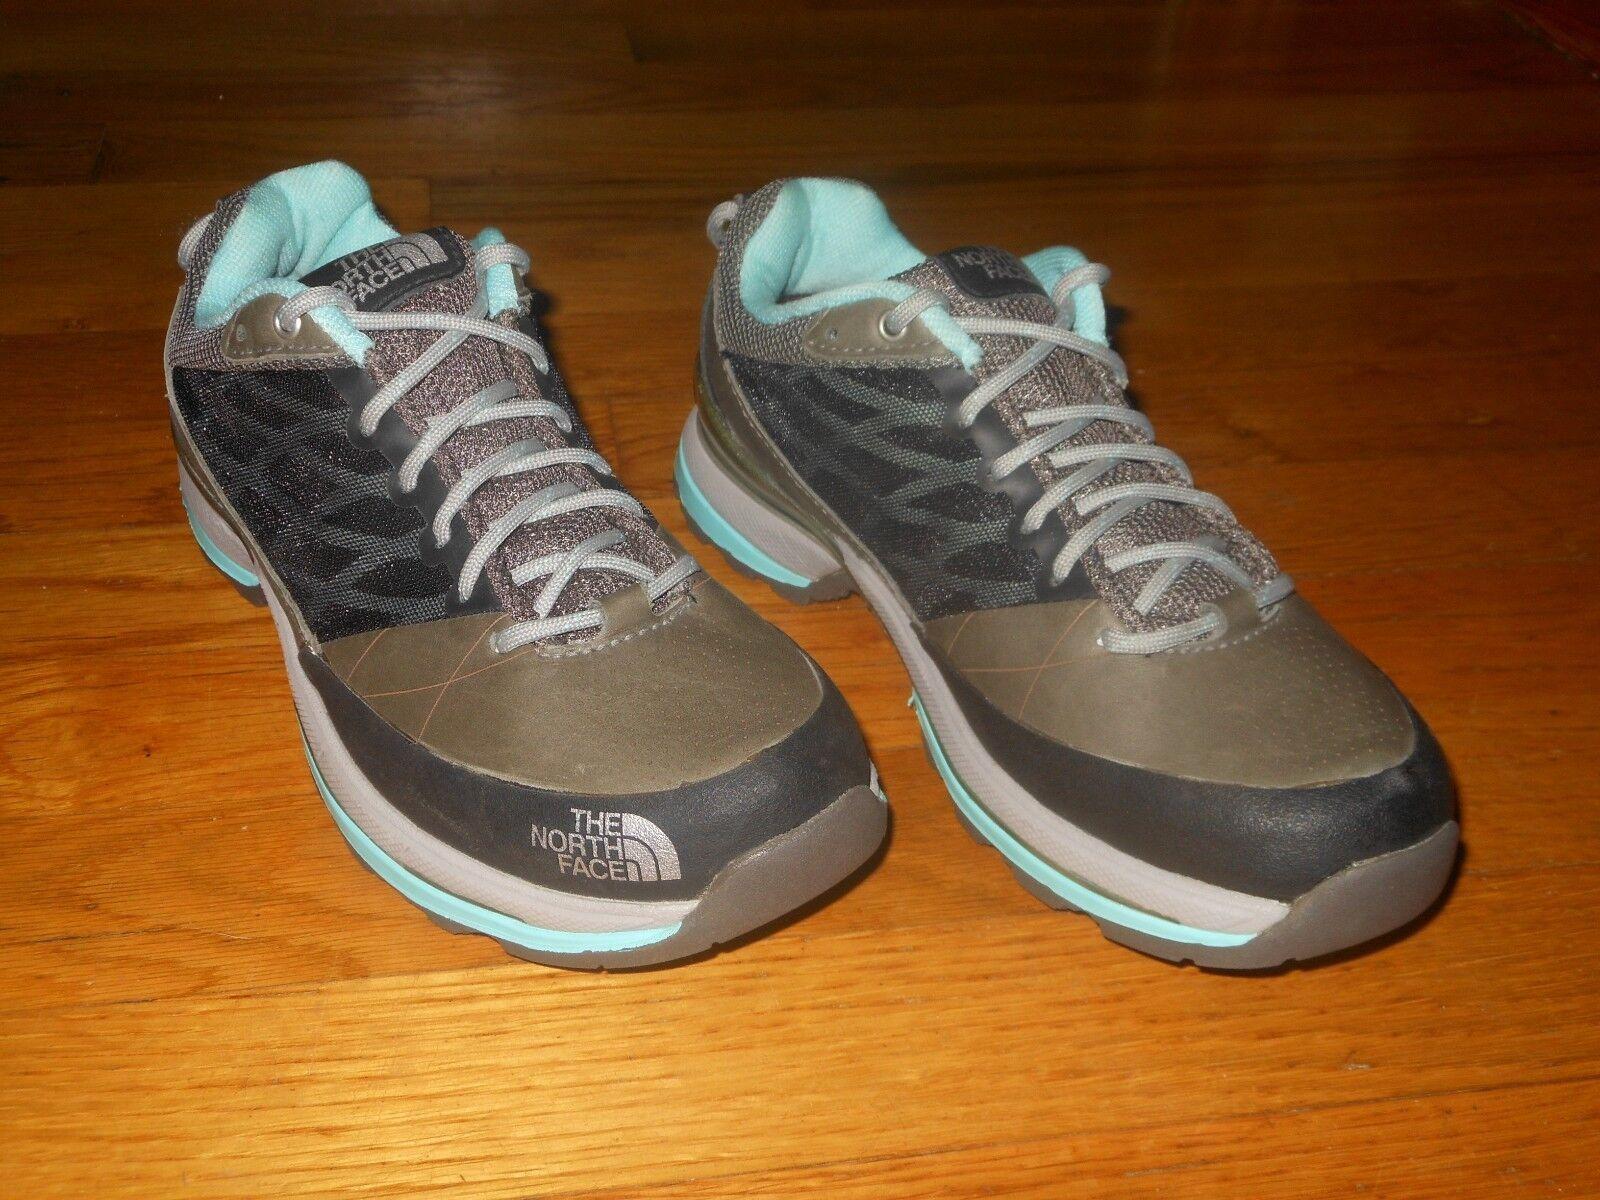 The North Face women's hiking shoes - Sz 6 M - EU sz 37 - Excellent condition